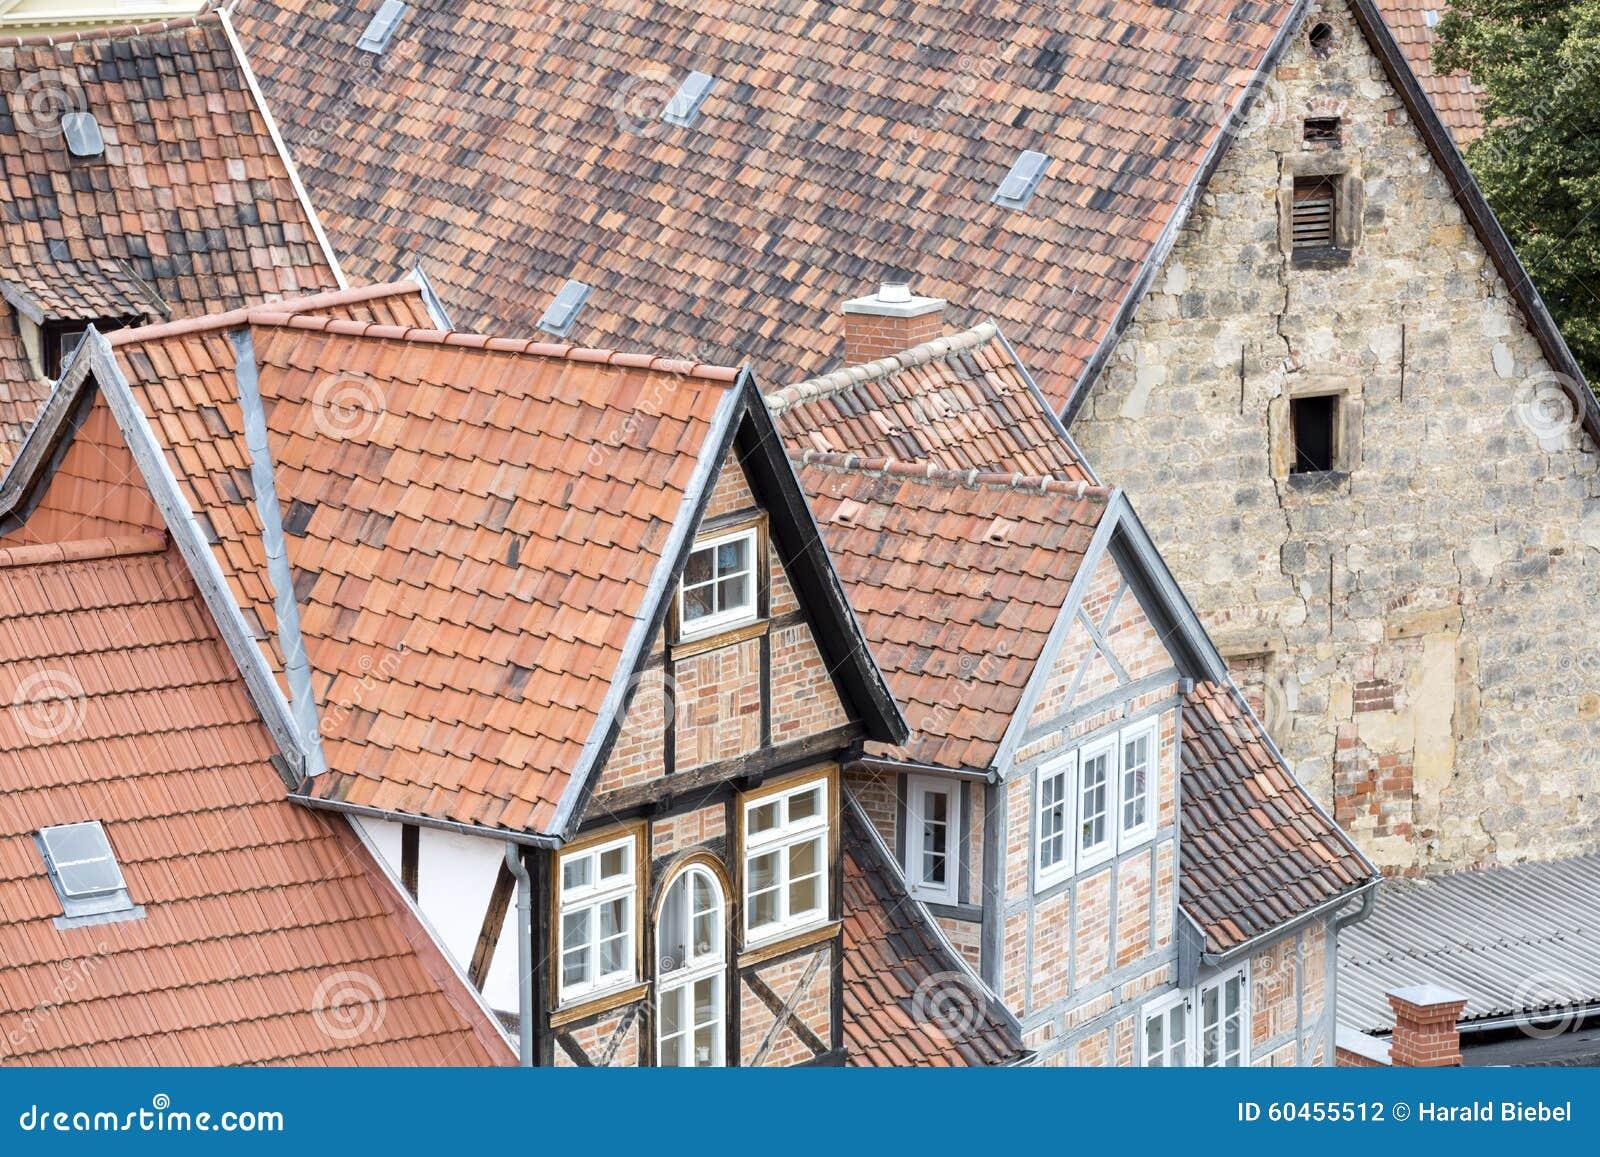 Tejados de casas de entramado de madera foto de archivo for Tejados de madera antiguos